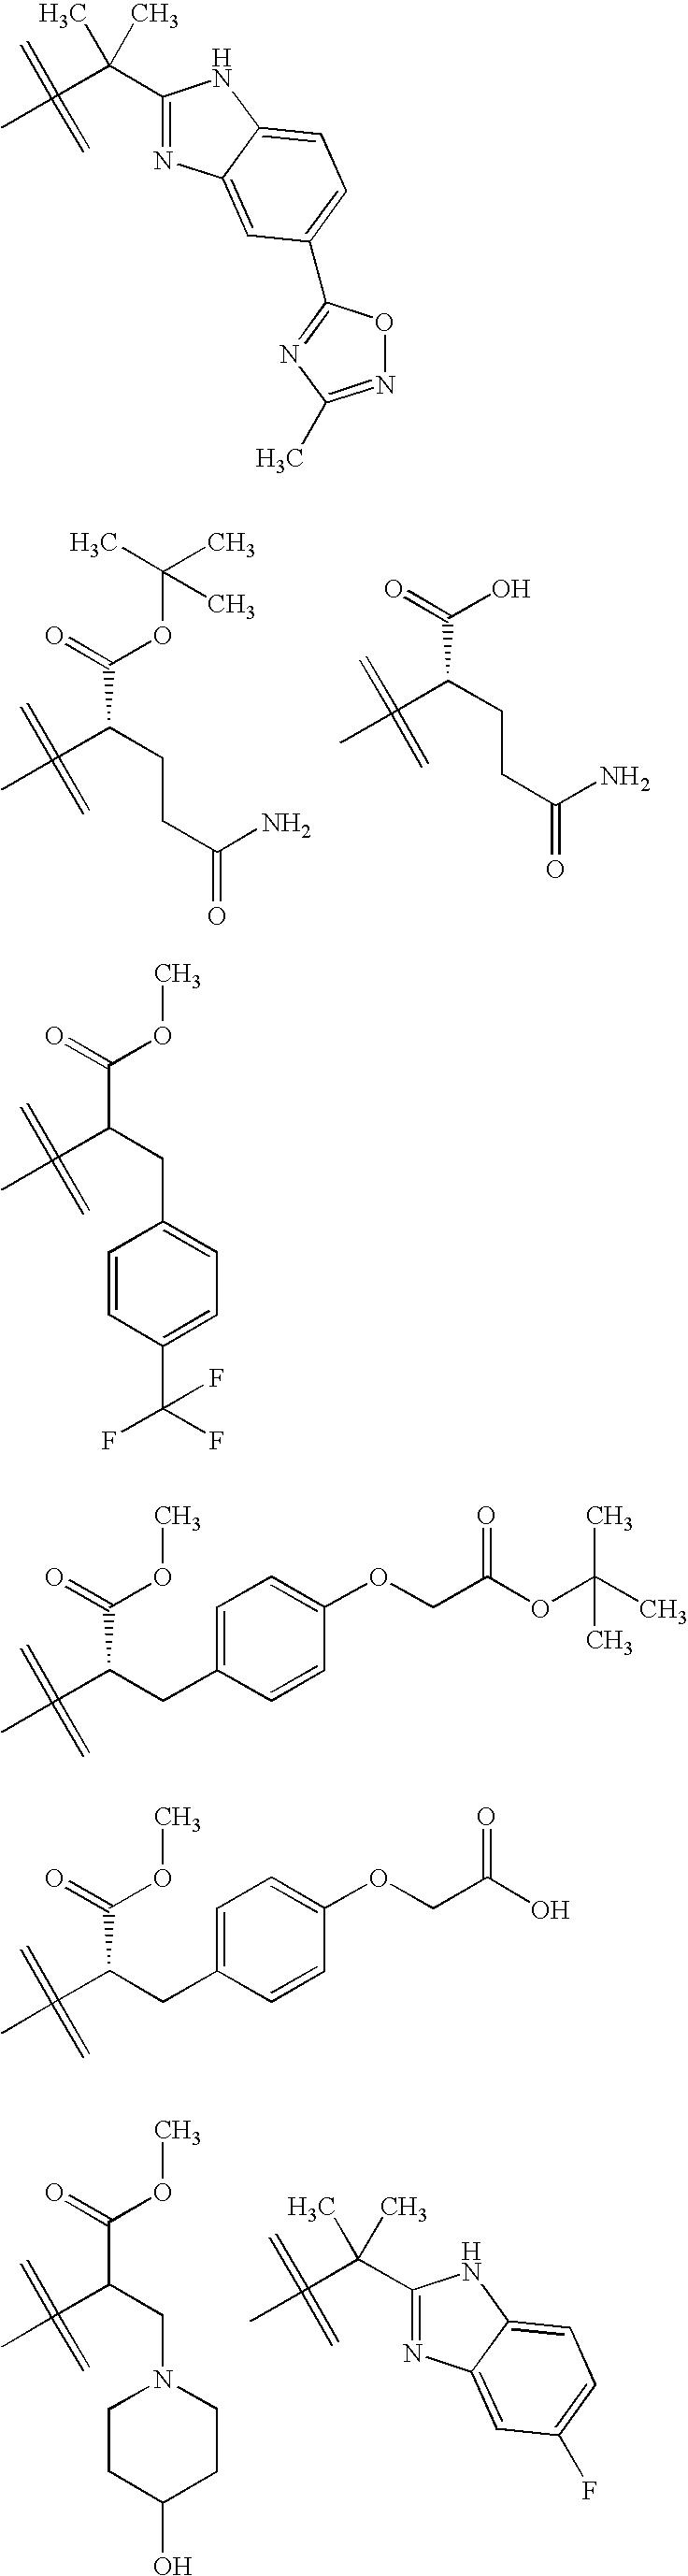 Figure US20070049593A1-20070301-C00187